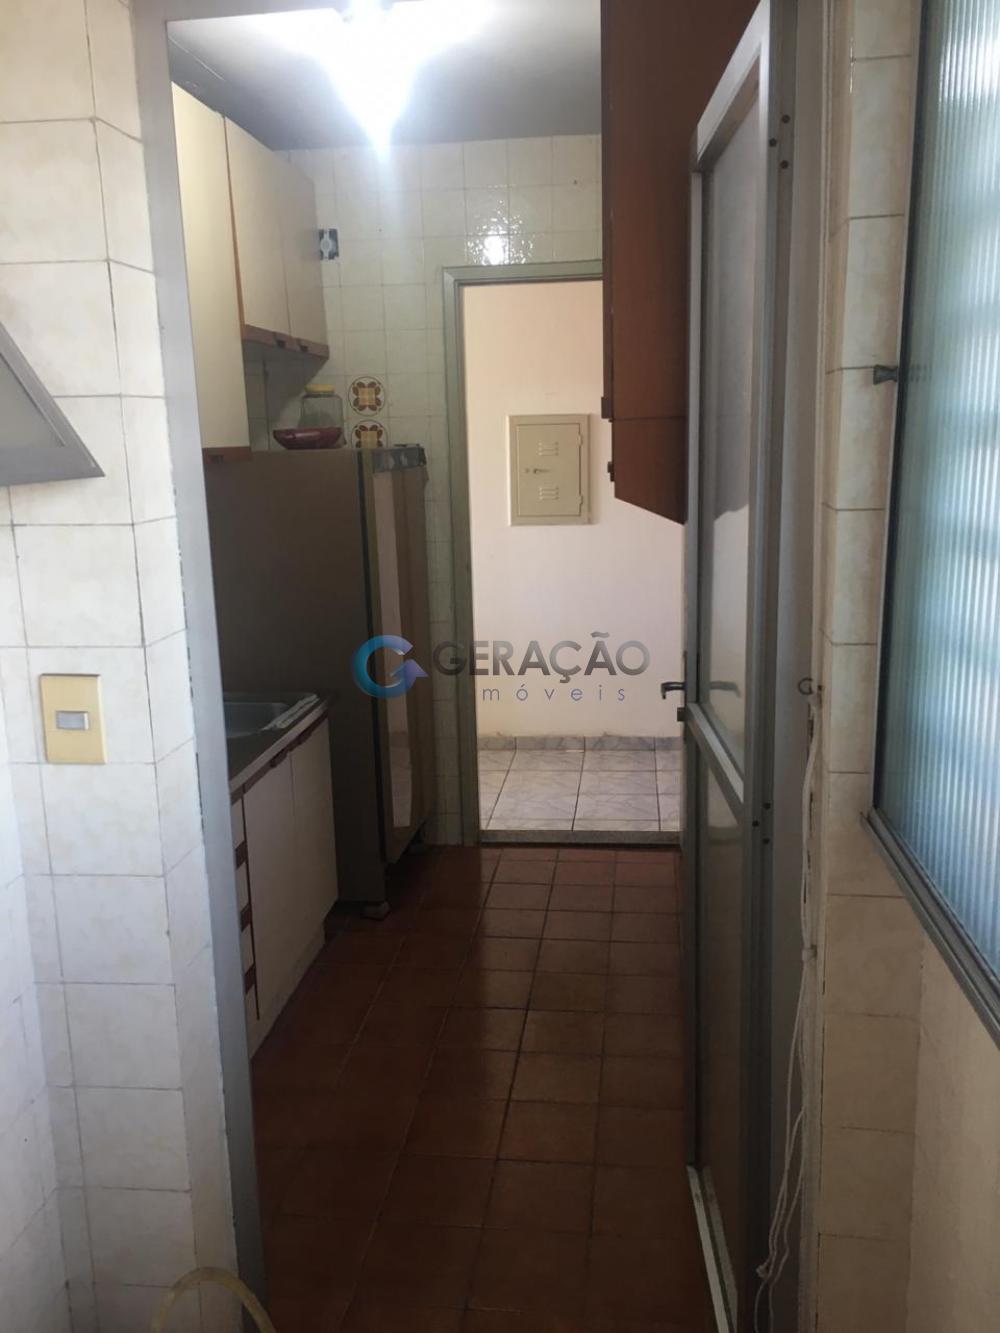 Comprar Apartamento / Padrão em São José dos Campos R$ 190.000,00 - Foto 3